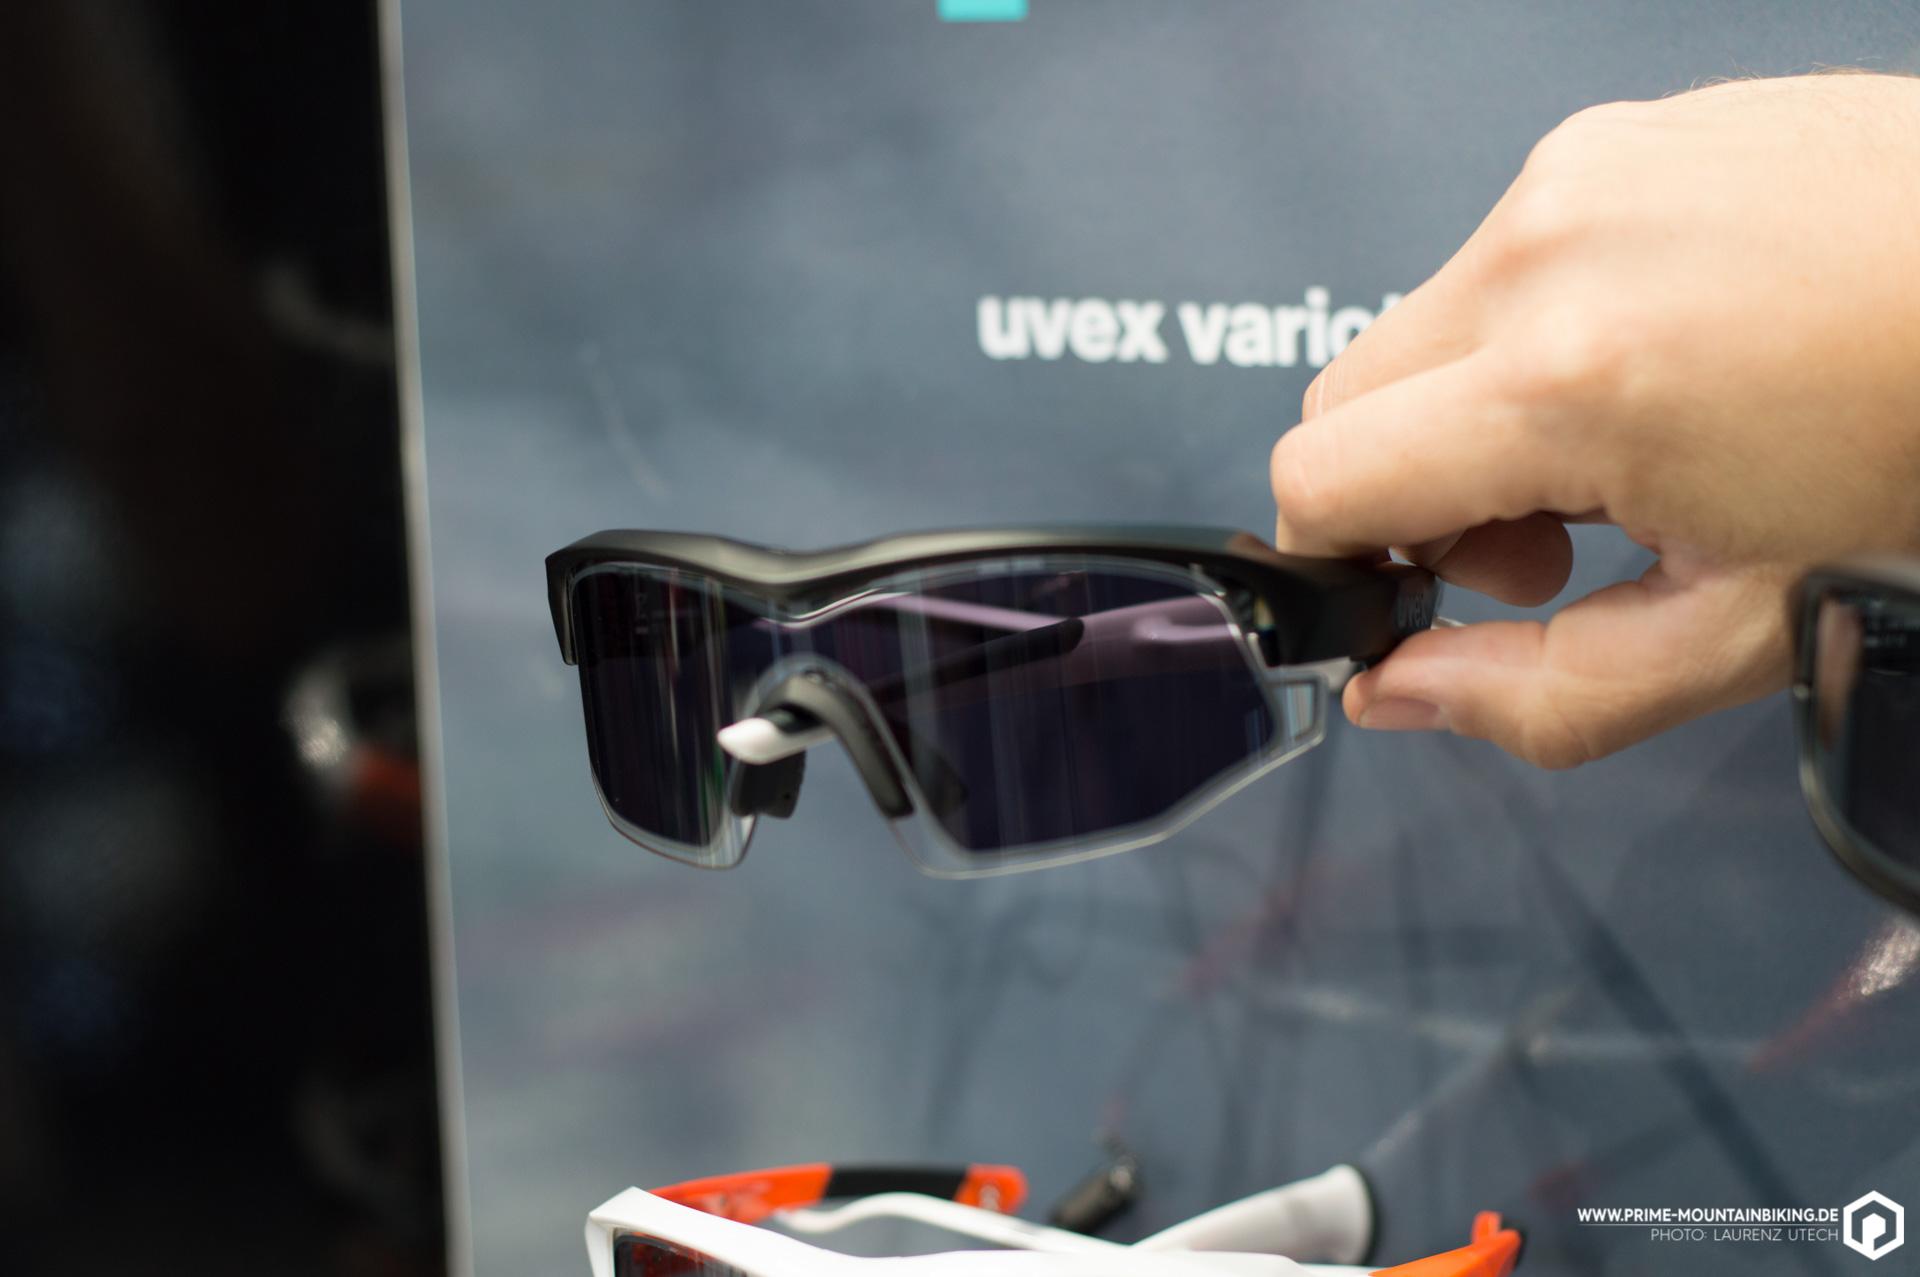 Auf Knopfdruck das Sonnenlicht ein- und ausschalten, kann man mit der neuen Variotronic S Brille von Uvex. Ob das System tatsählcih so bahnbrechend funktioniert wie es scheint, werden wir in Kürze im Praxistest feststellen können - stay tuned!